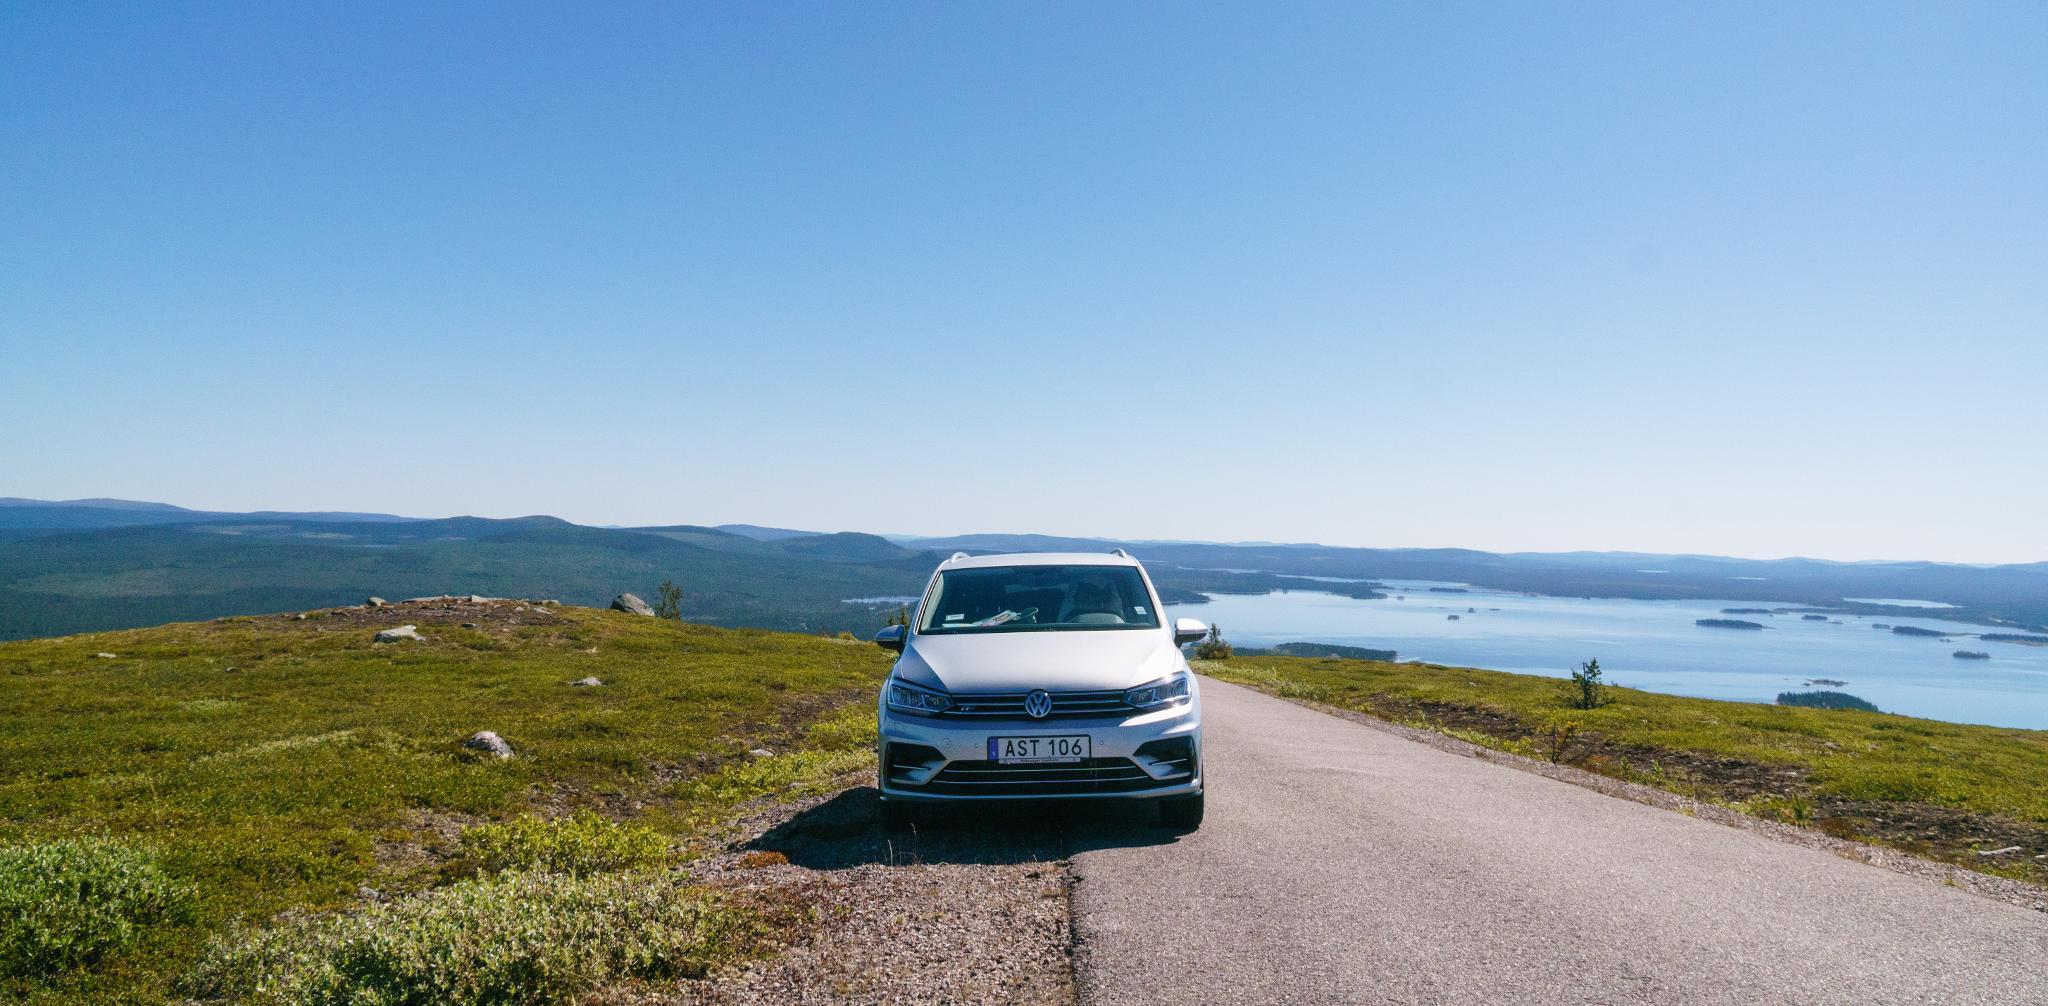 【北歐景點】Arjeplog Galtispuoda:眺望無盡延綿的瑞典極圈荒原 28